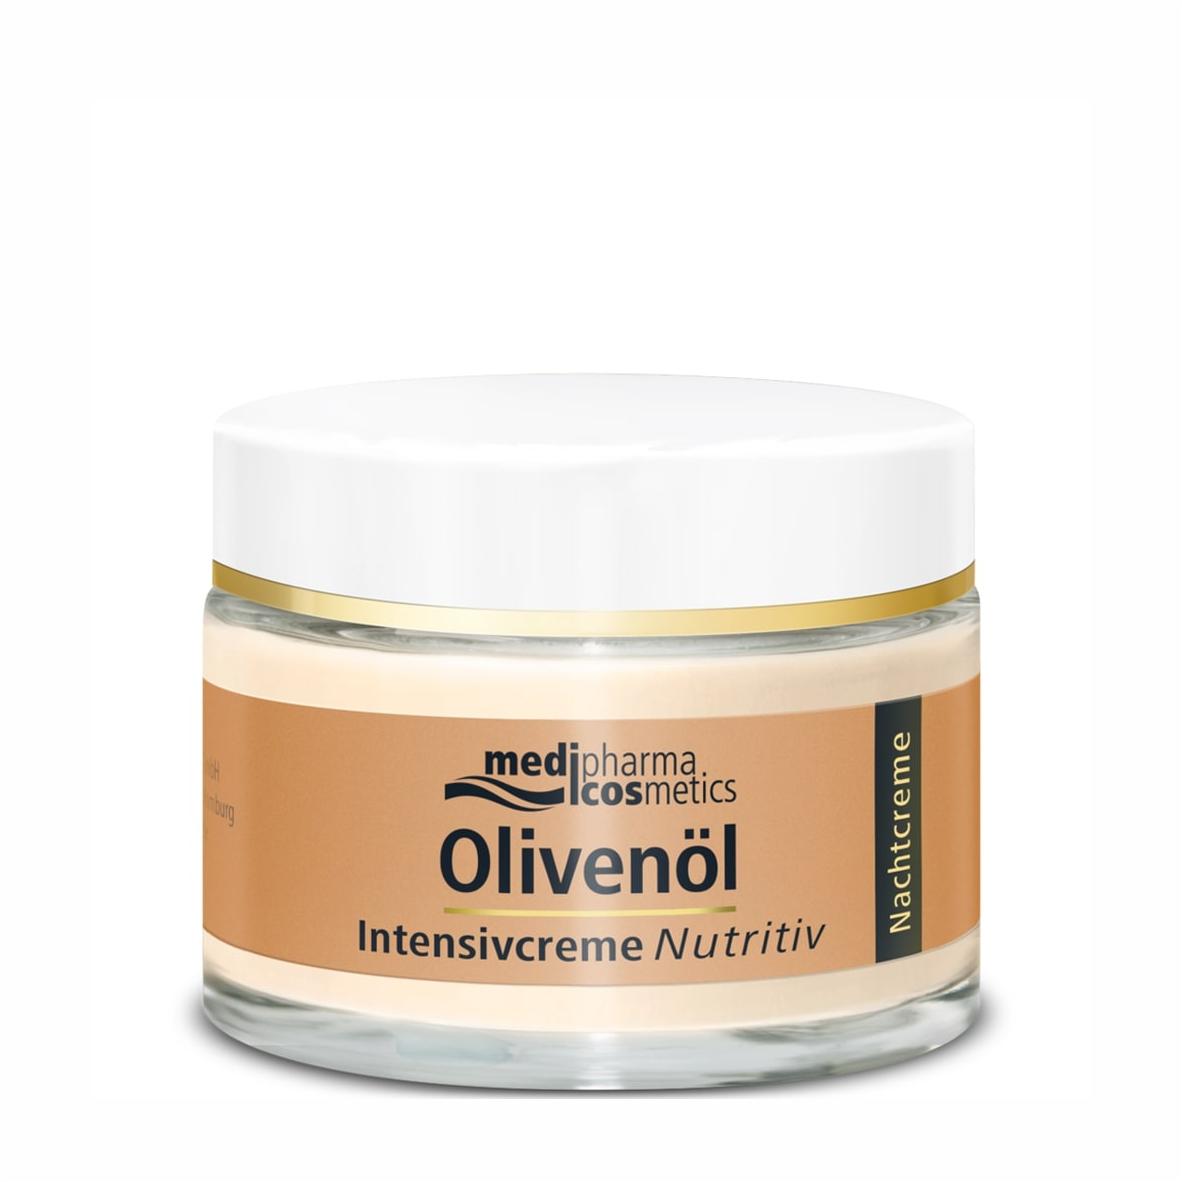 Купить Medipharma Cosmetics Питательный ночной крем интенсив для лица, 50 мл (Medipharma Cosmetics, Olivenol), Германия